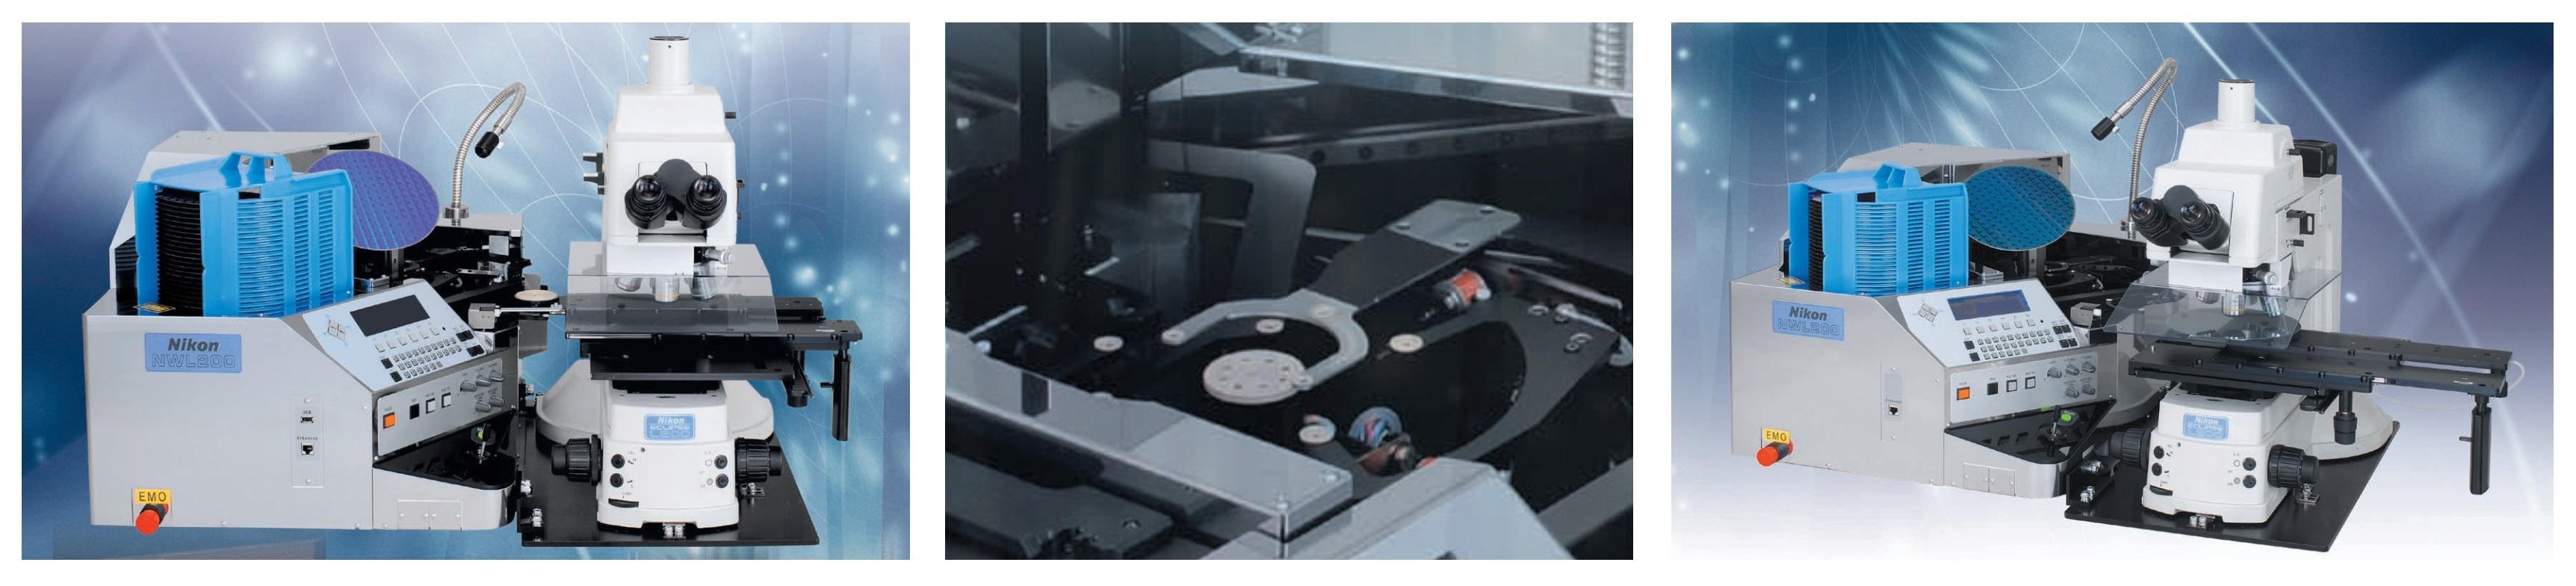 Инспекционный микроскоп NIKON LV 200